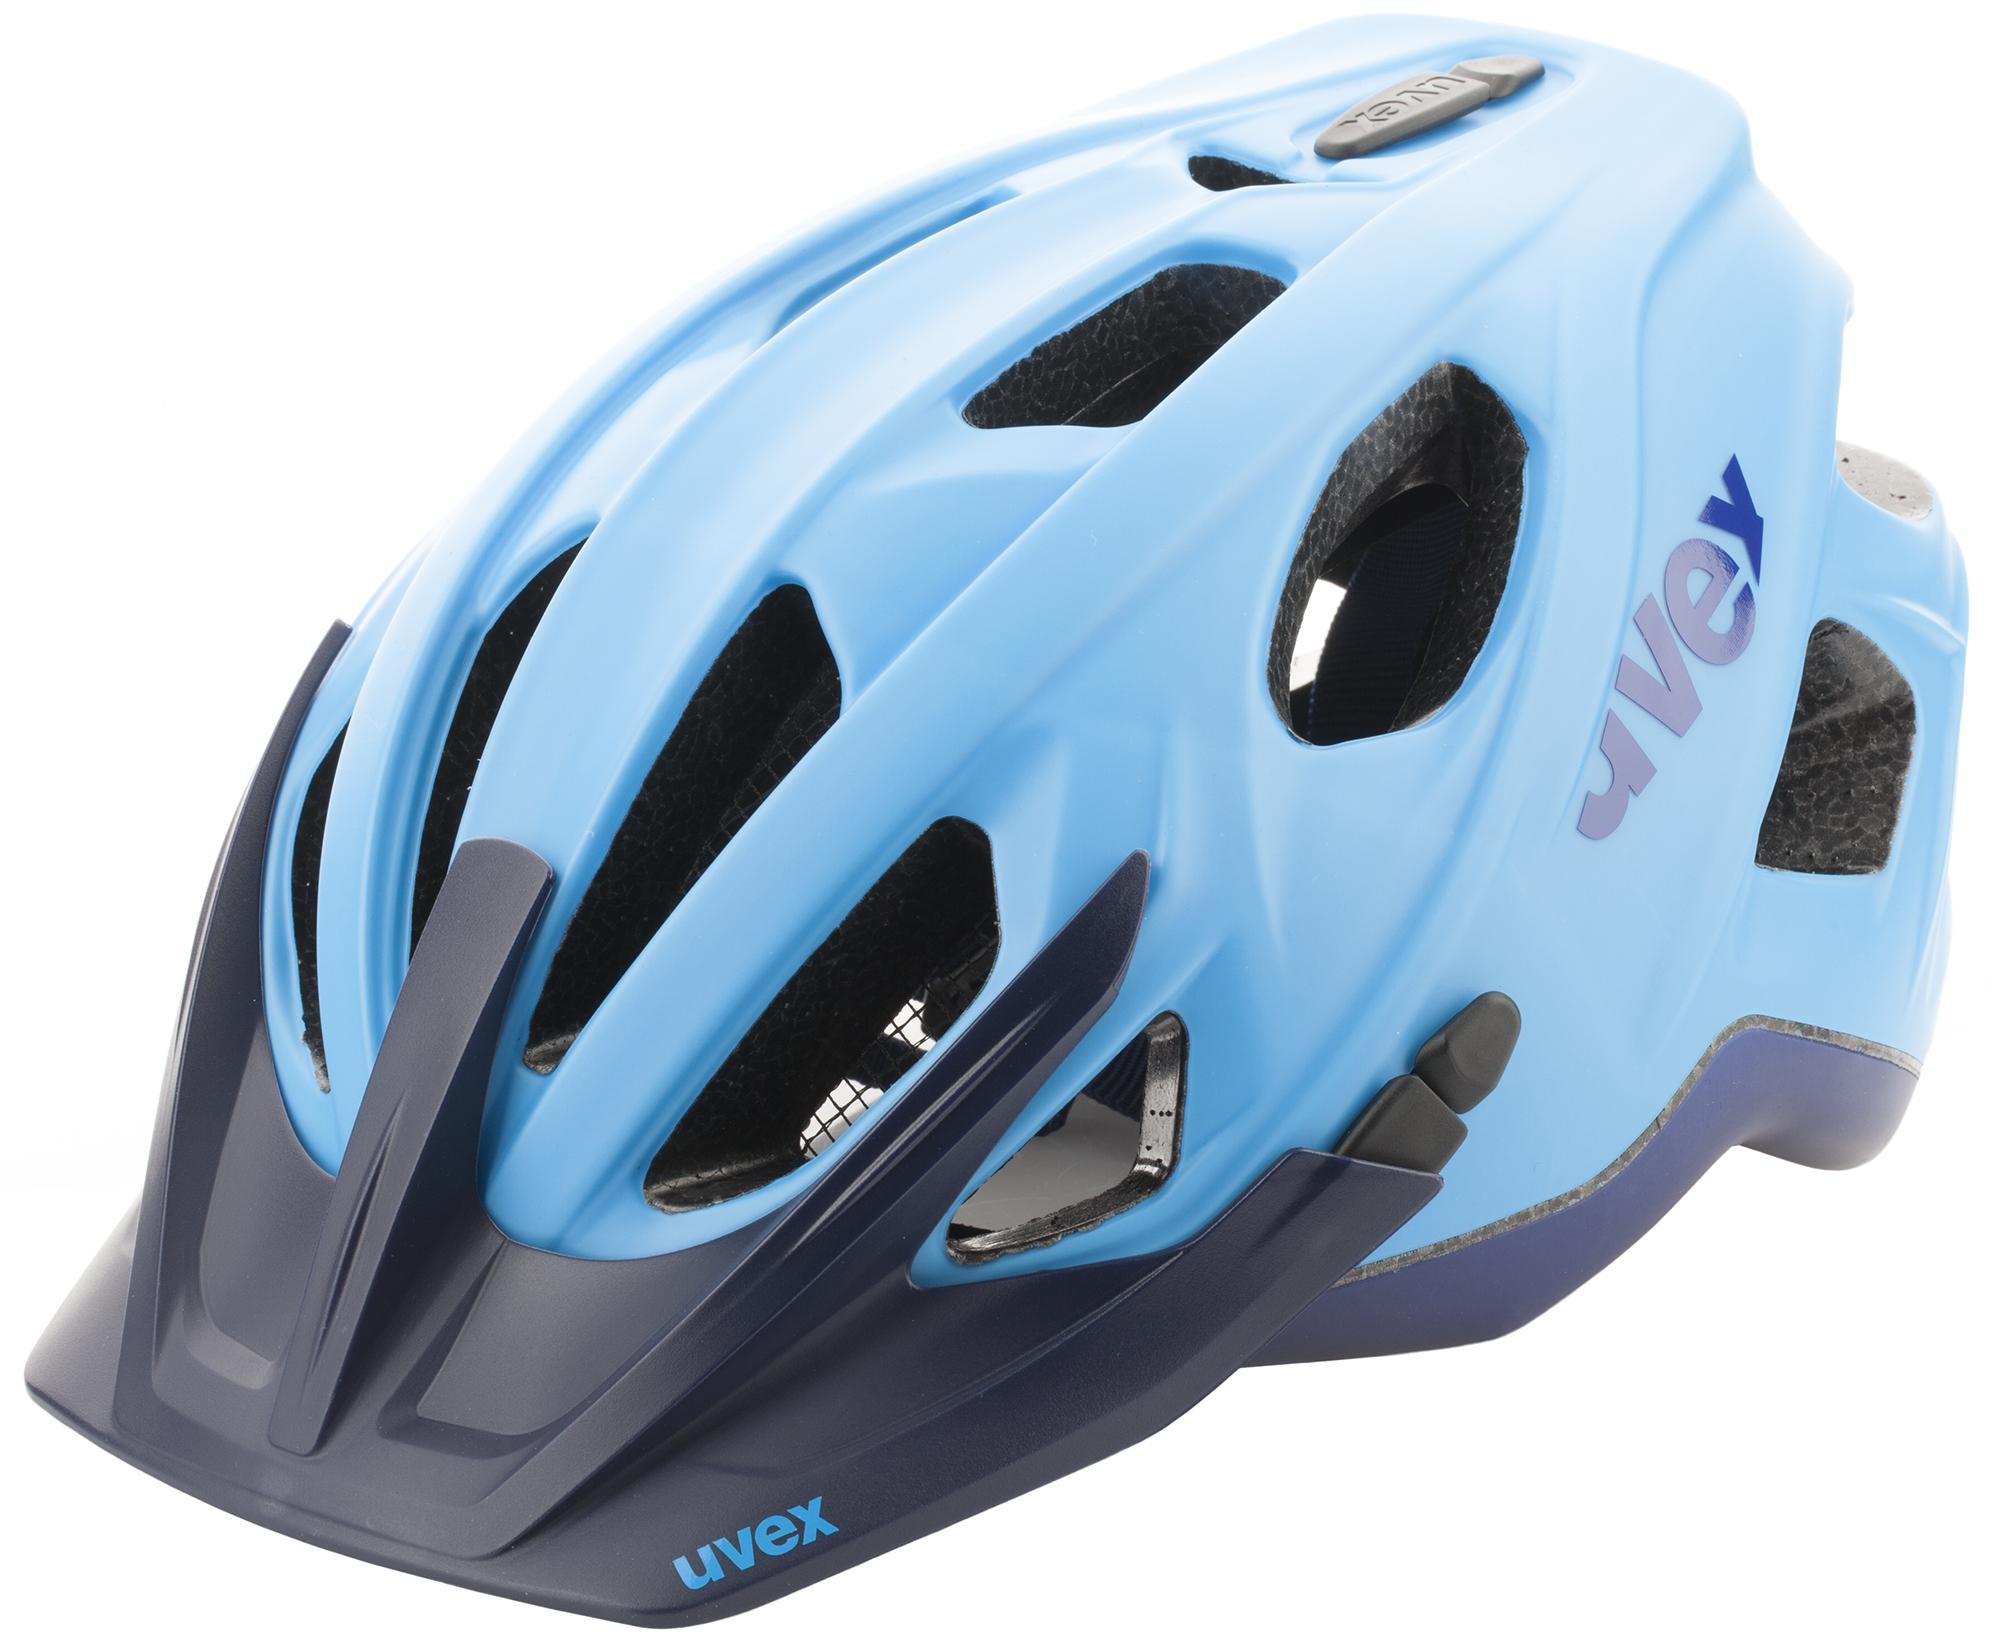 Uvex Шлем велосипедный Uvex stivo cc велосипедный шлем